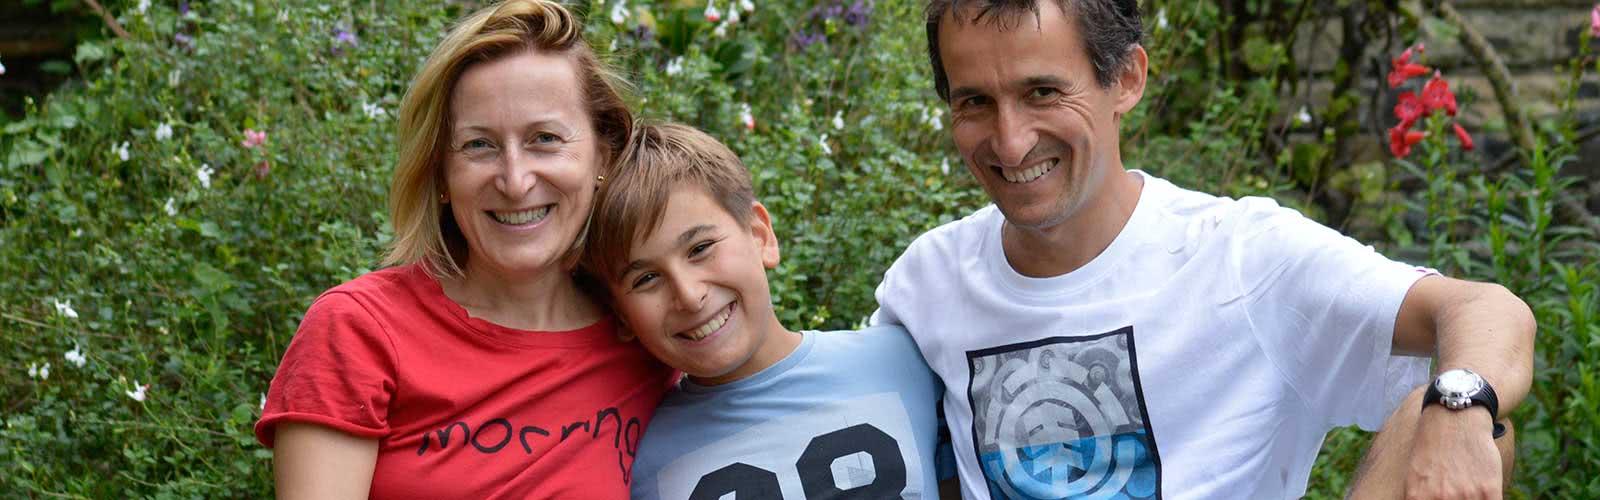 Cursos de inglés para familias en Broadstairs